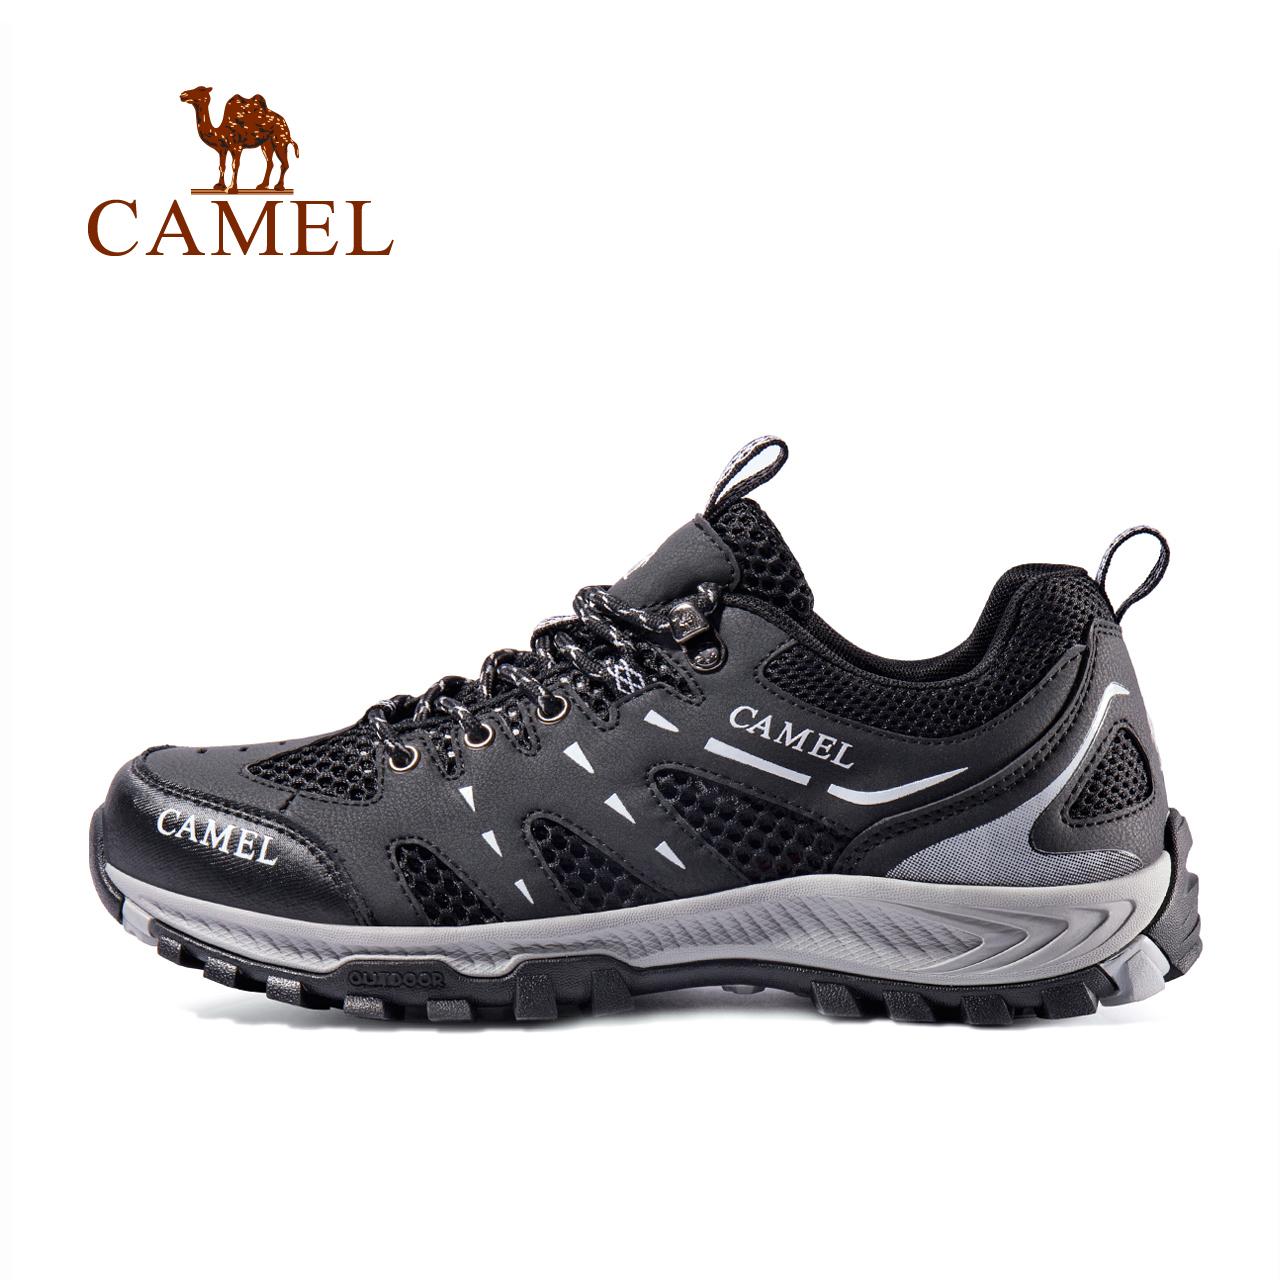 【2019新品】骆驼户外男女款徒步鞋 网布透气低帮系带登山徒步鞋